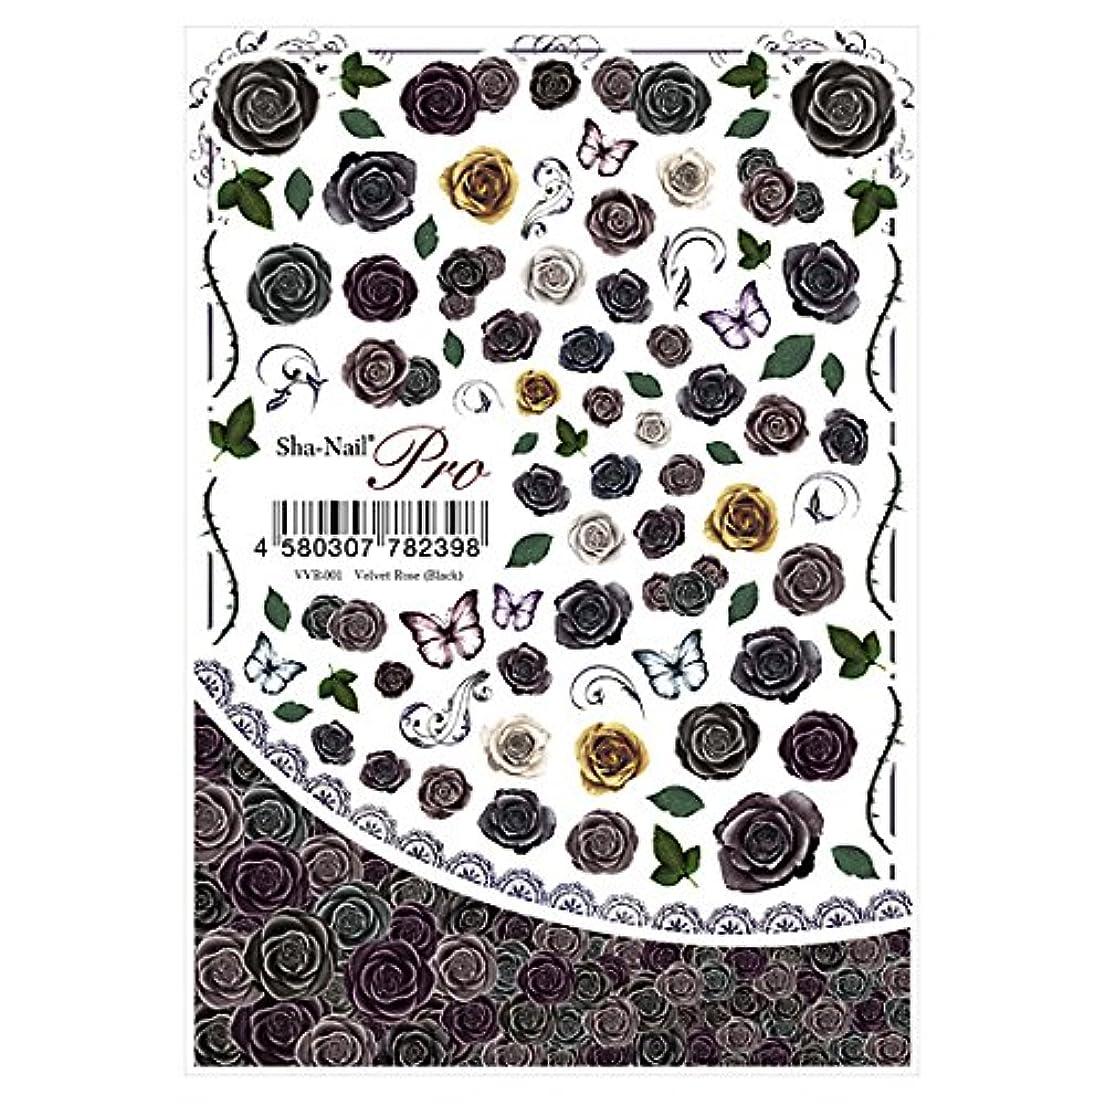 自由シャックルバクテリア写ネイルプロ ネイルシール ベルベットローズ ブラック アート材